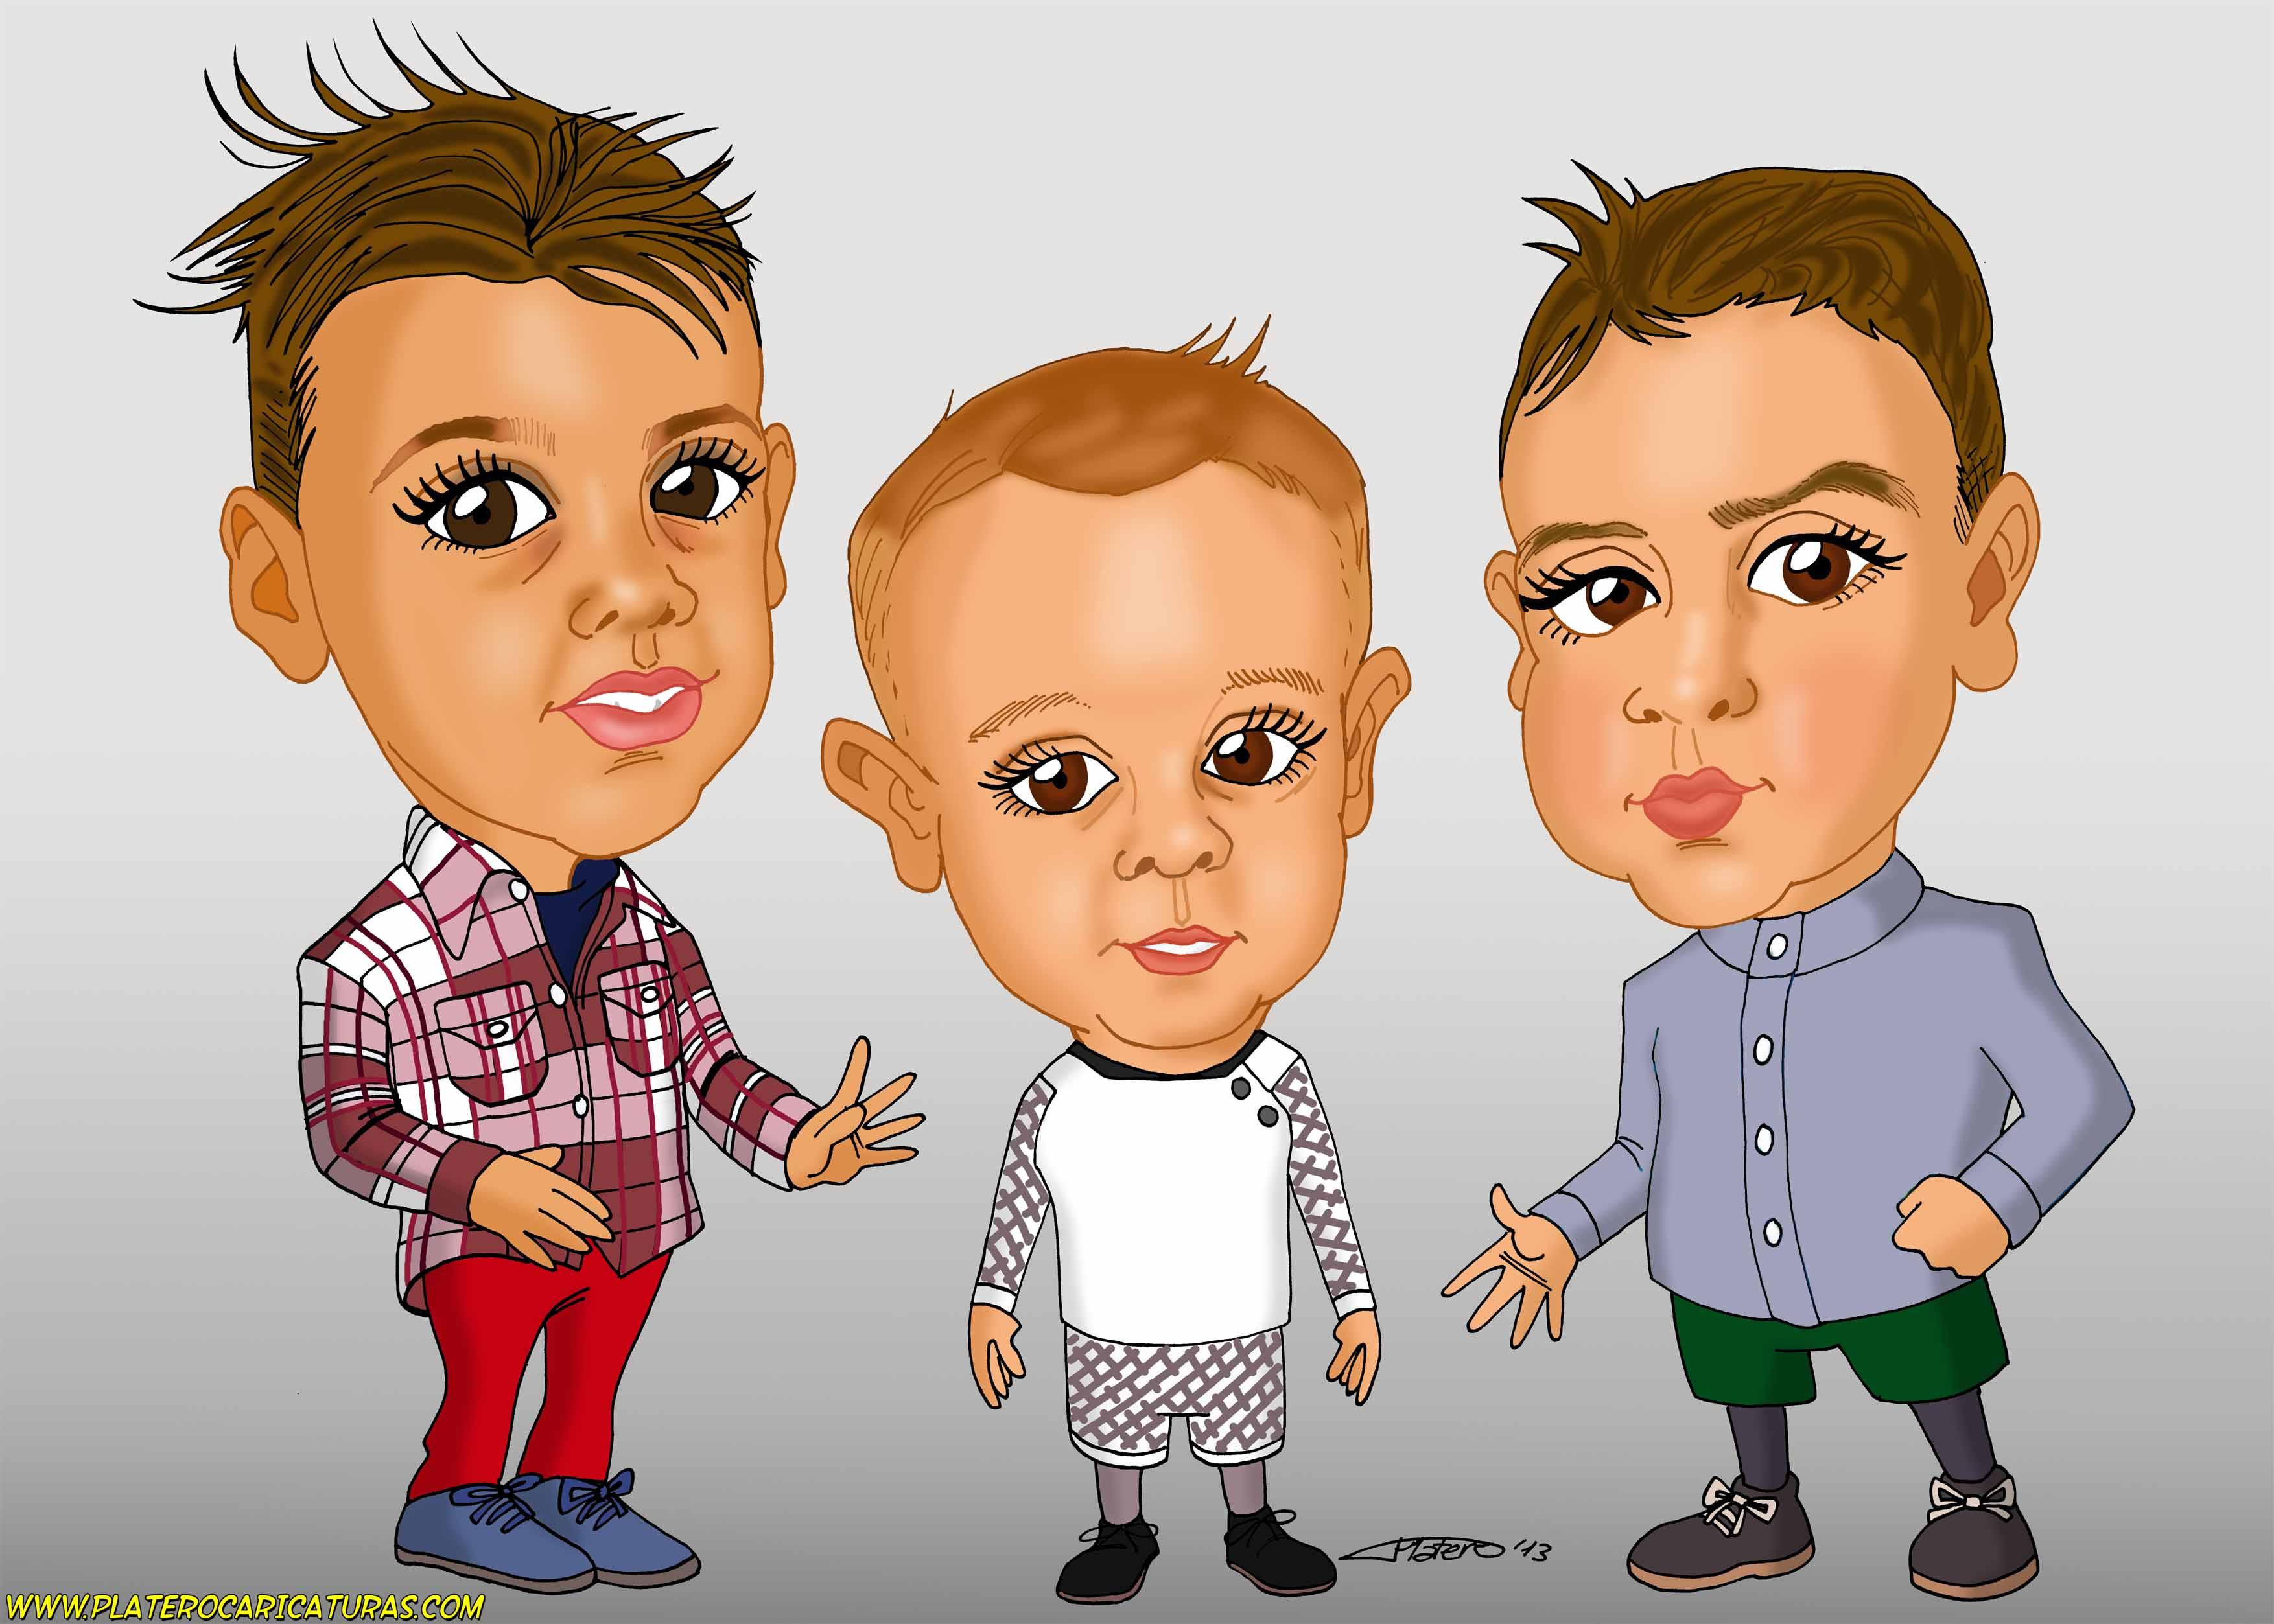 caricaturas a color por encargo personalizadas_tres niños_platerocaricaturas_jos